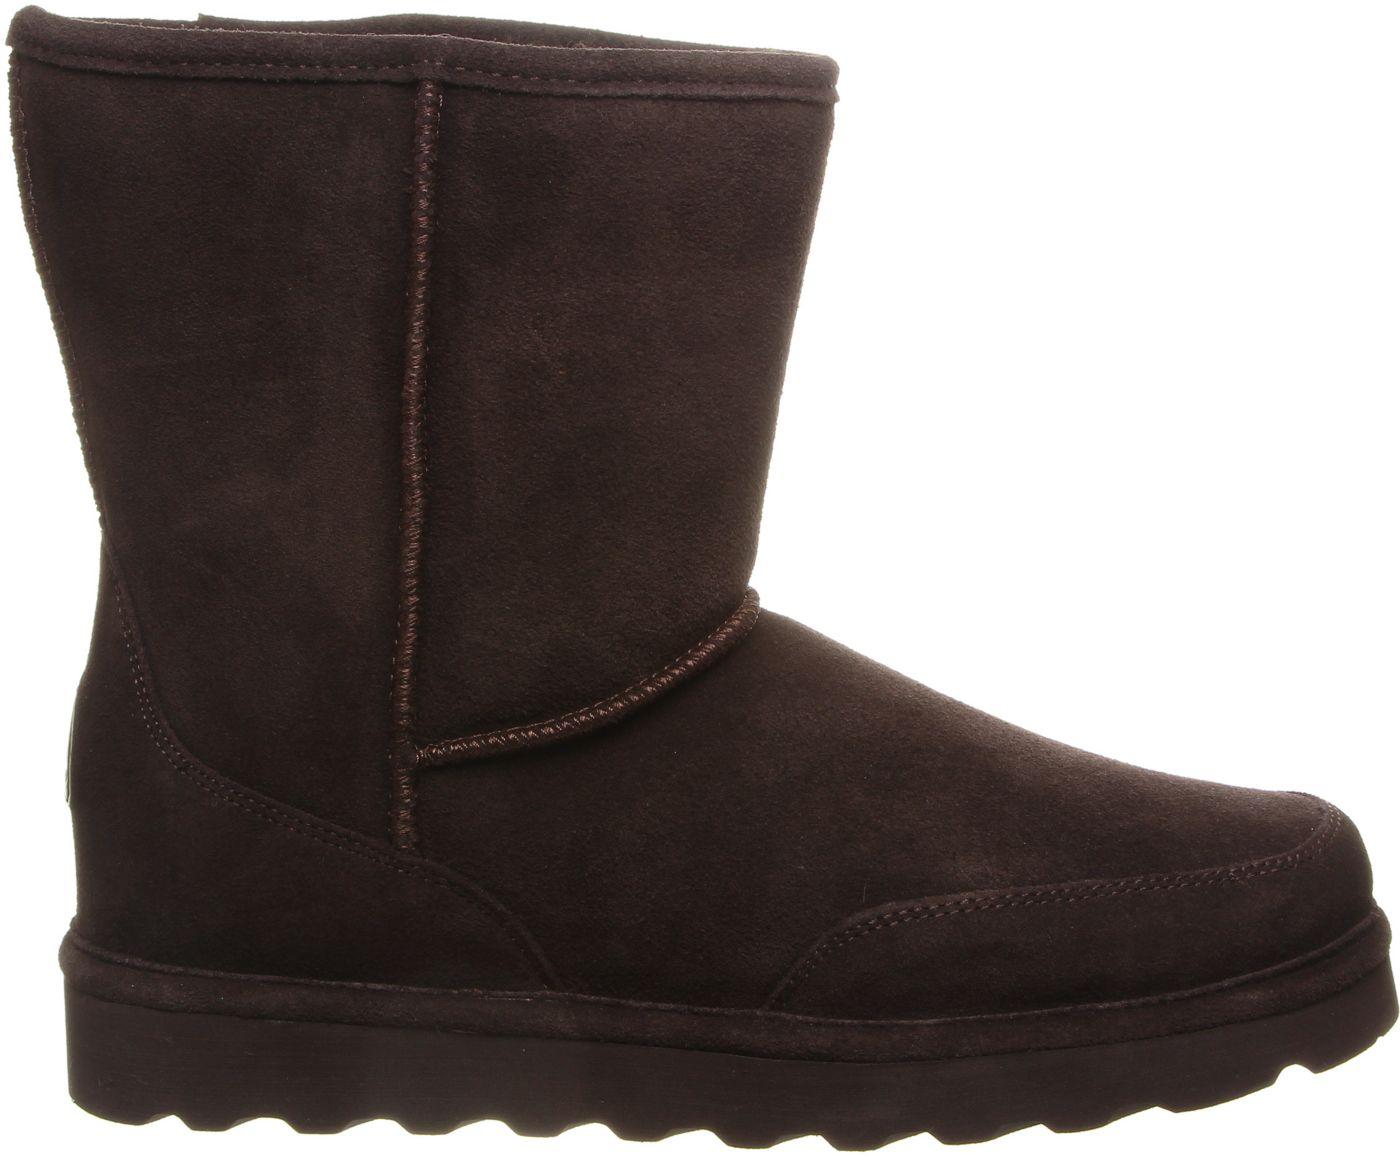 BEARPAW Men's Brady Sheepskin Boots